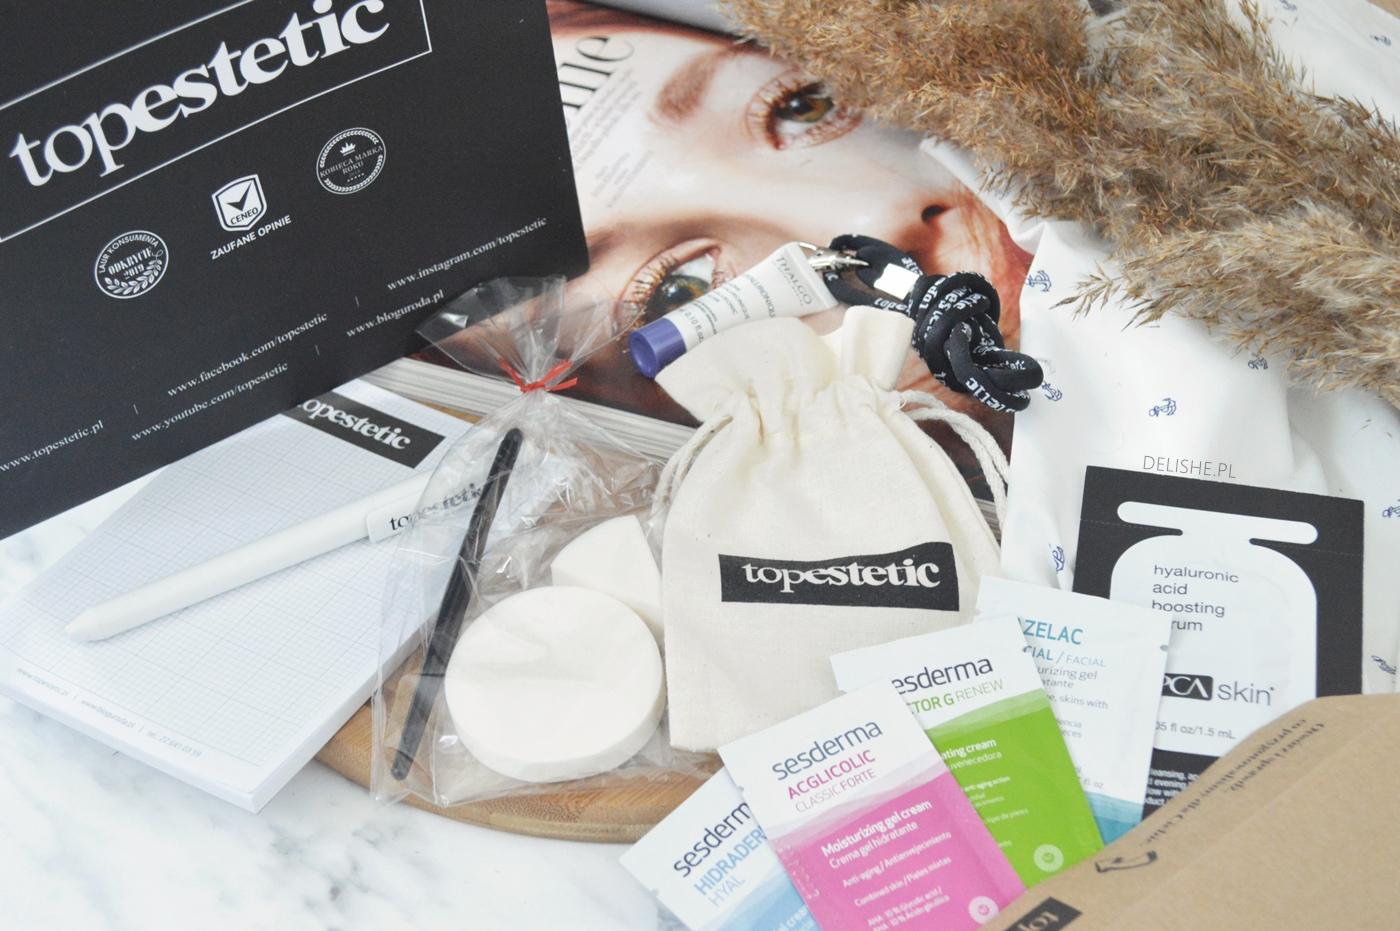 zakupy kosmetyczne blog topestetic